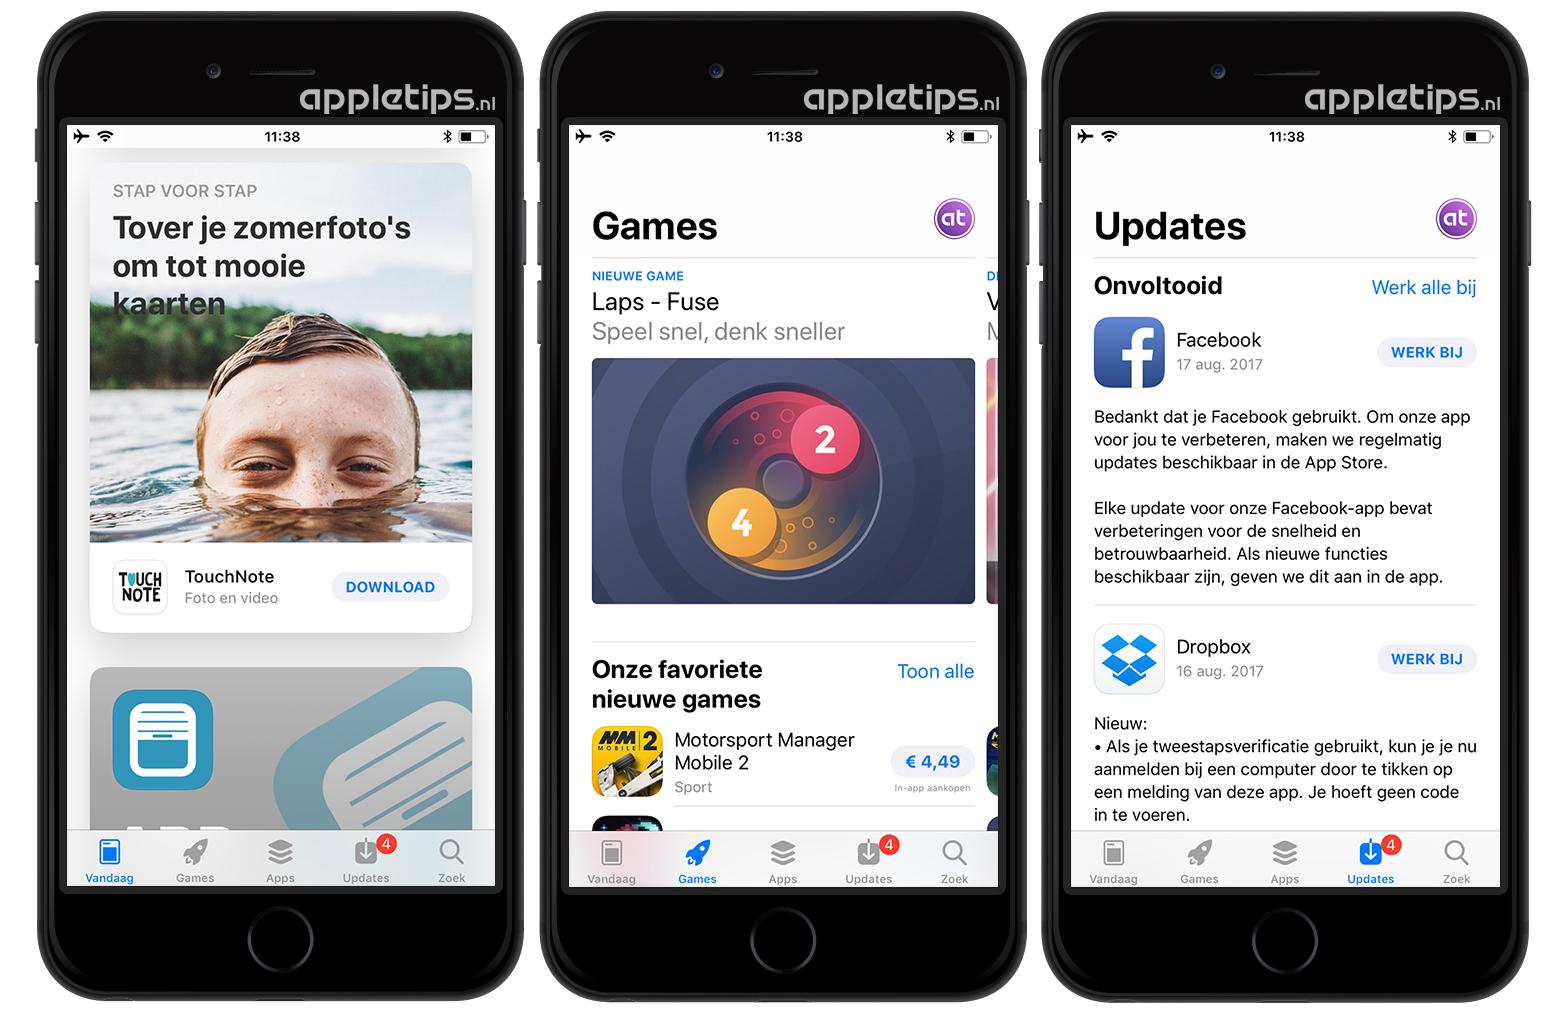 Overzicht Van Alle Nieuwe Opties In De Ios 11 App Store Appletips